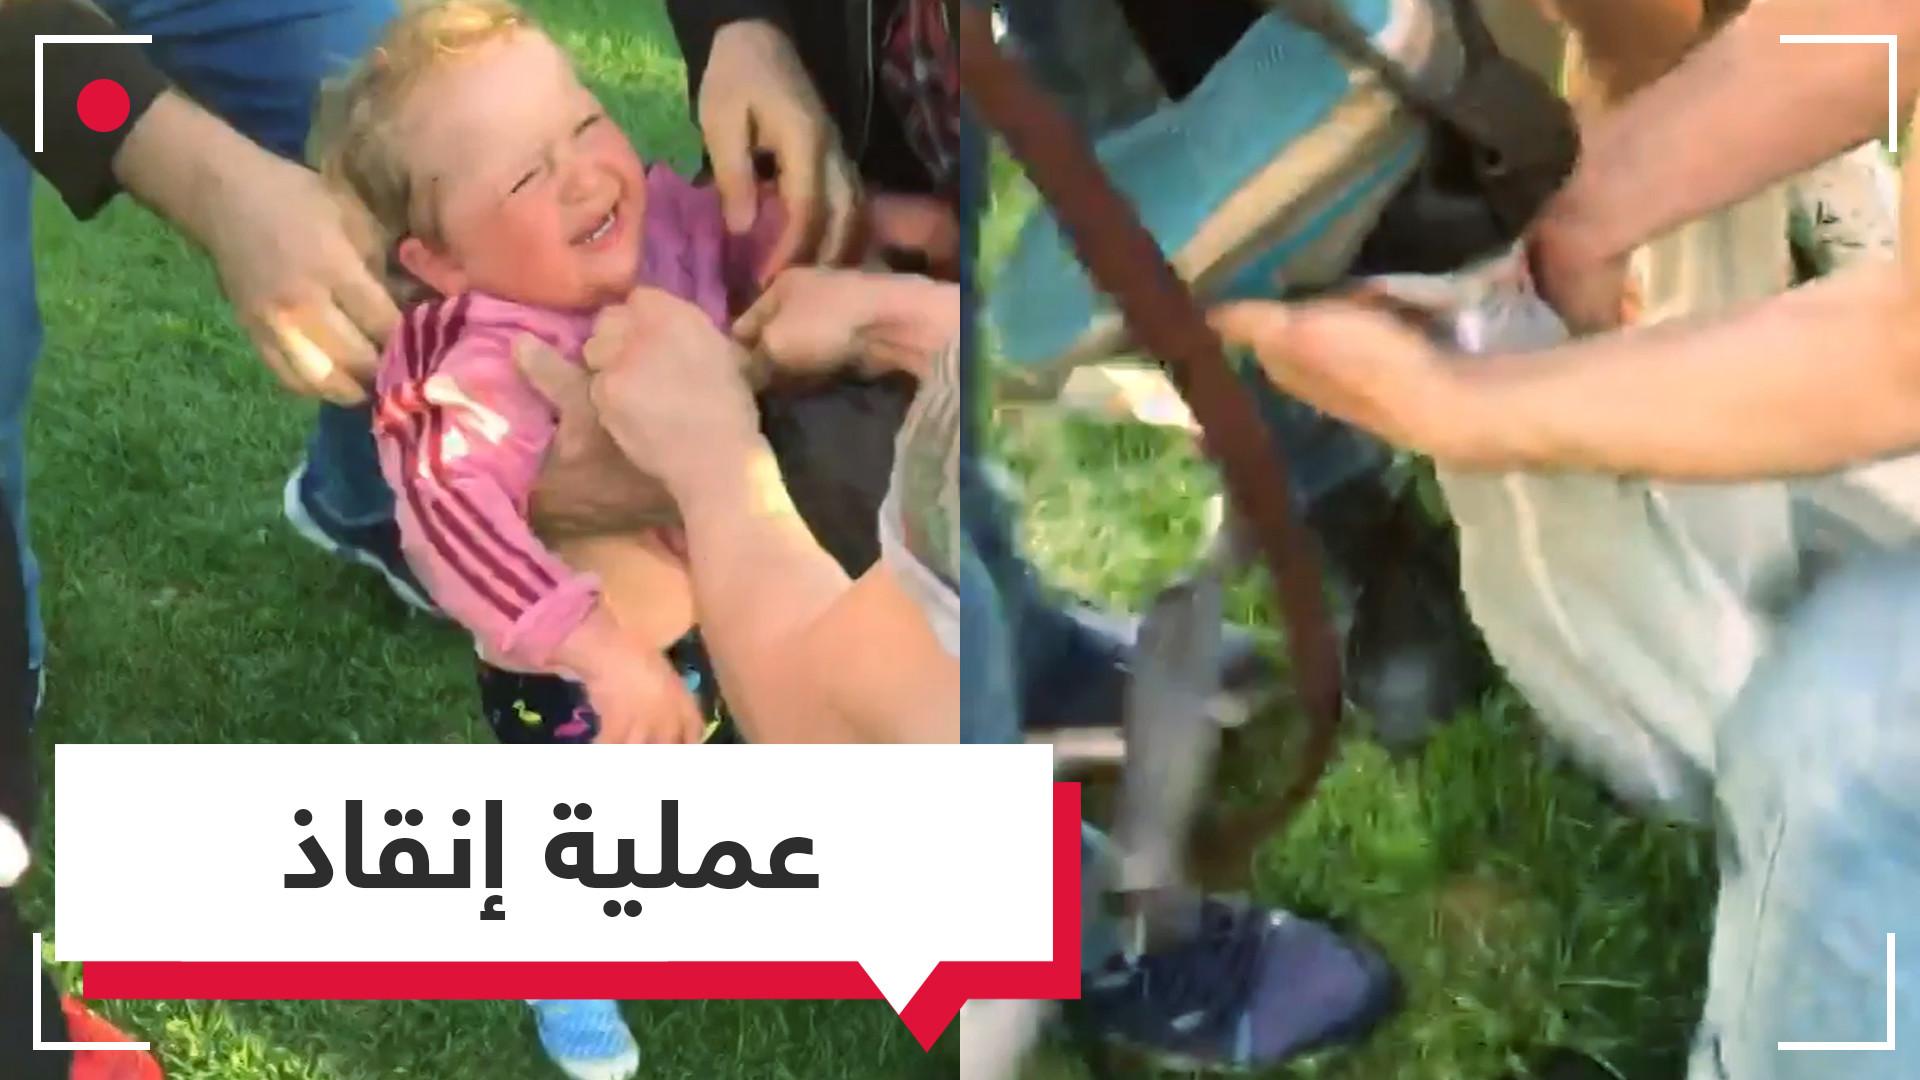 شاب صغير ينقذ طفلة سقطت في أنبوب بلاستيكي